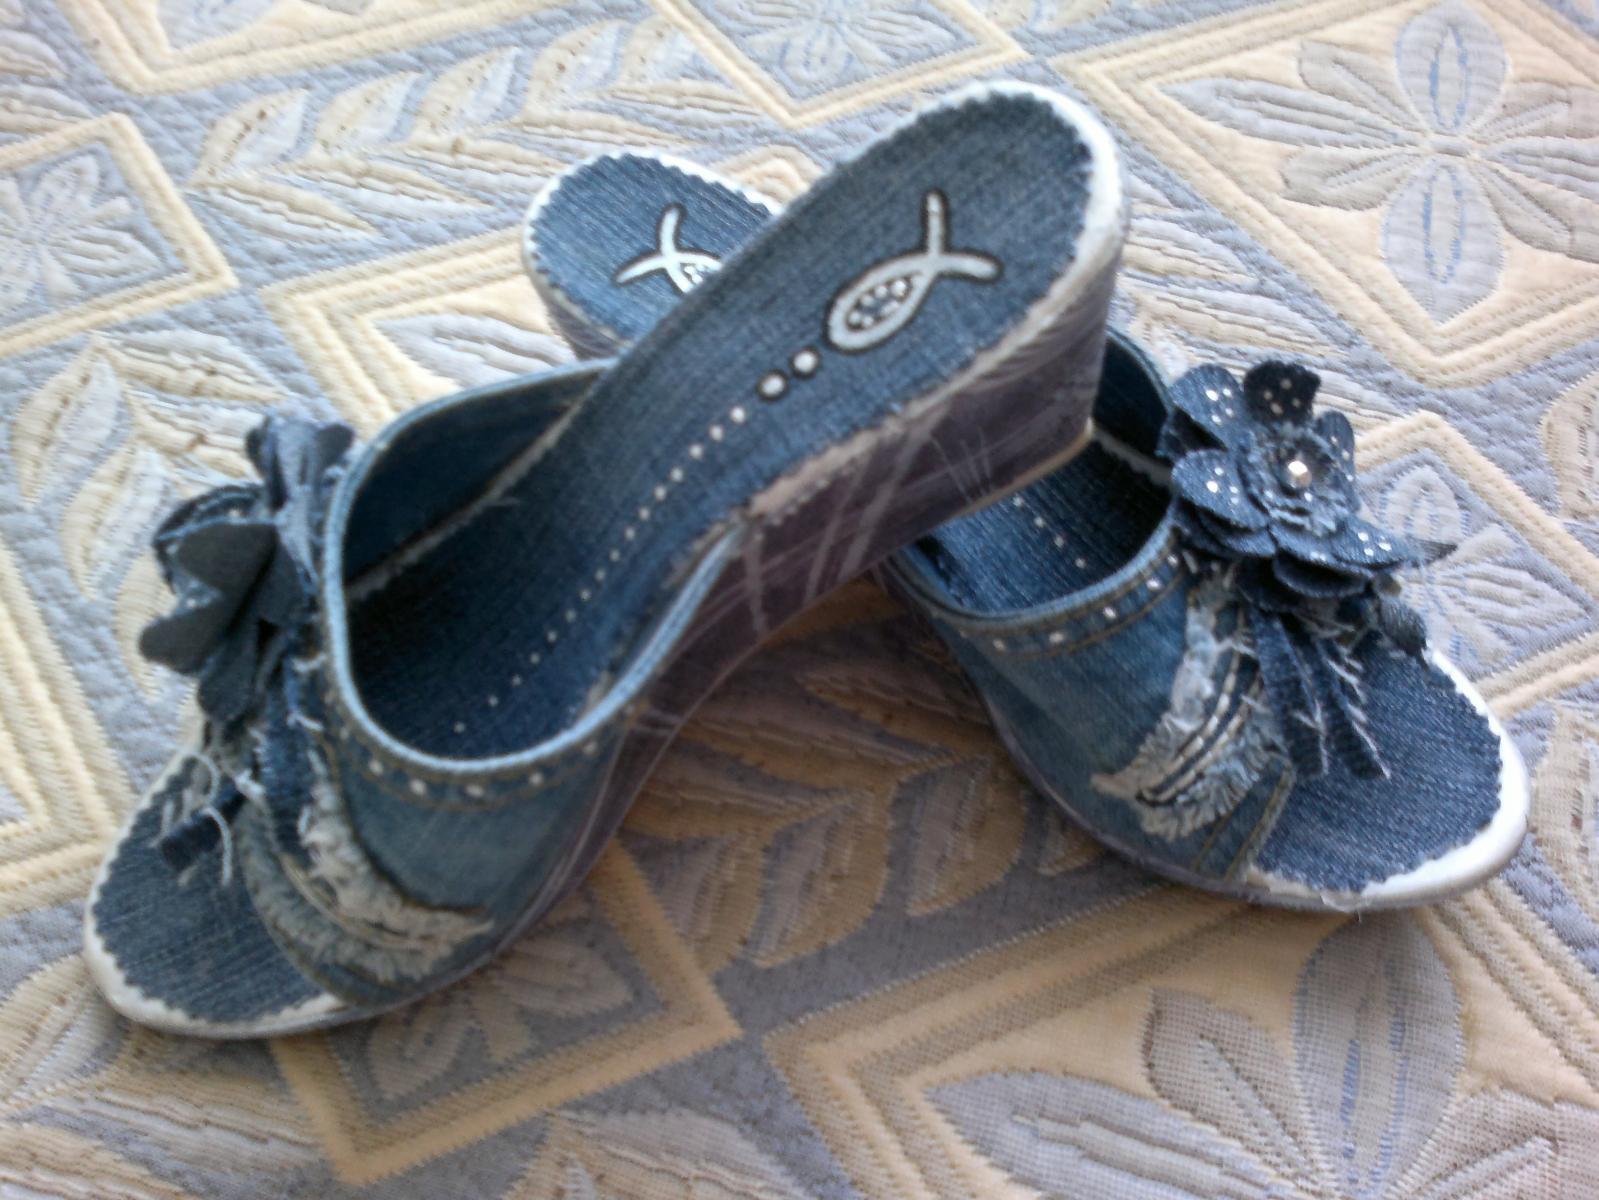 Обувь своими руками как сделать подошву